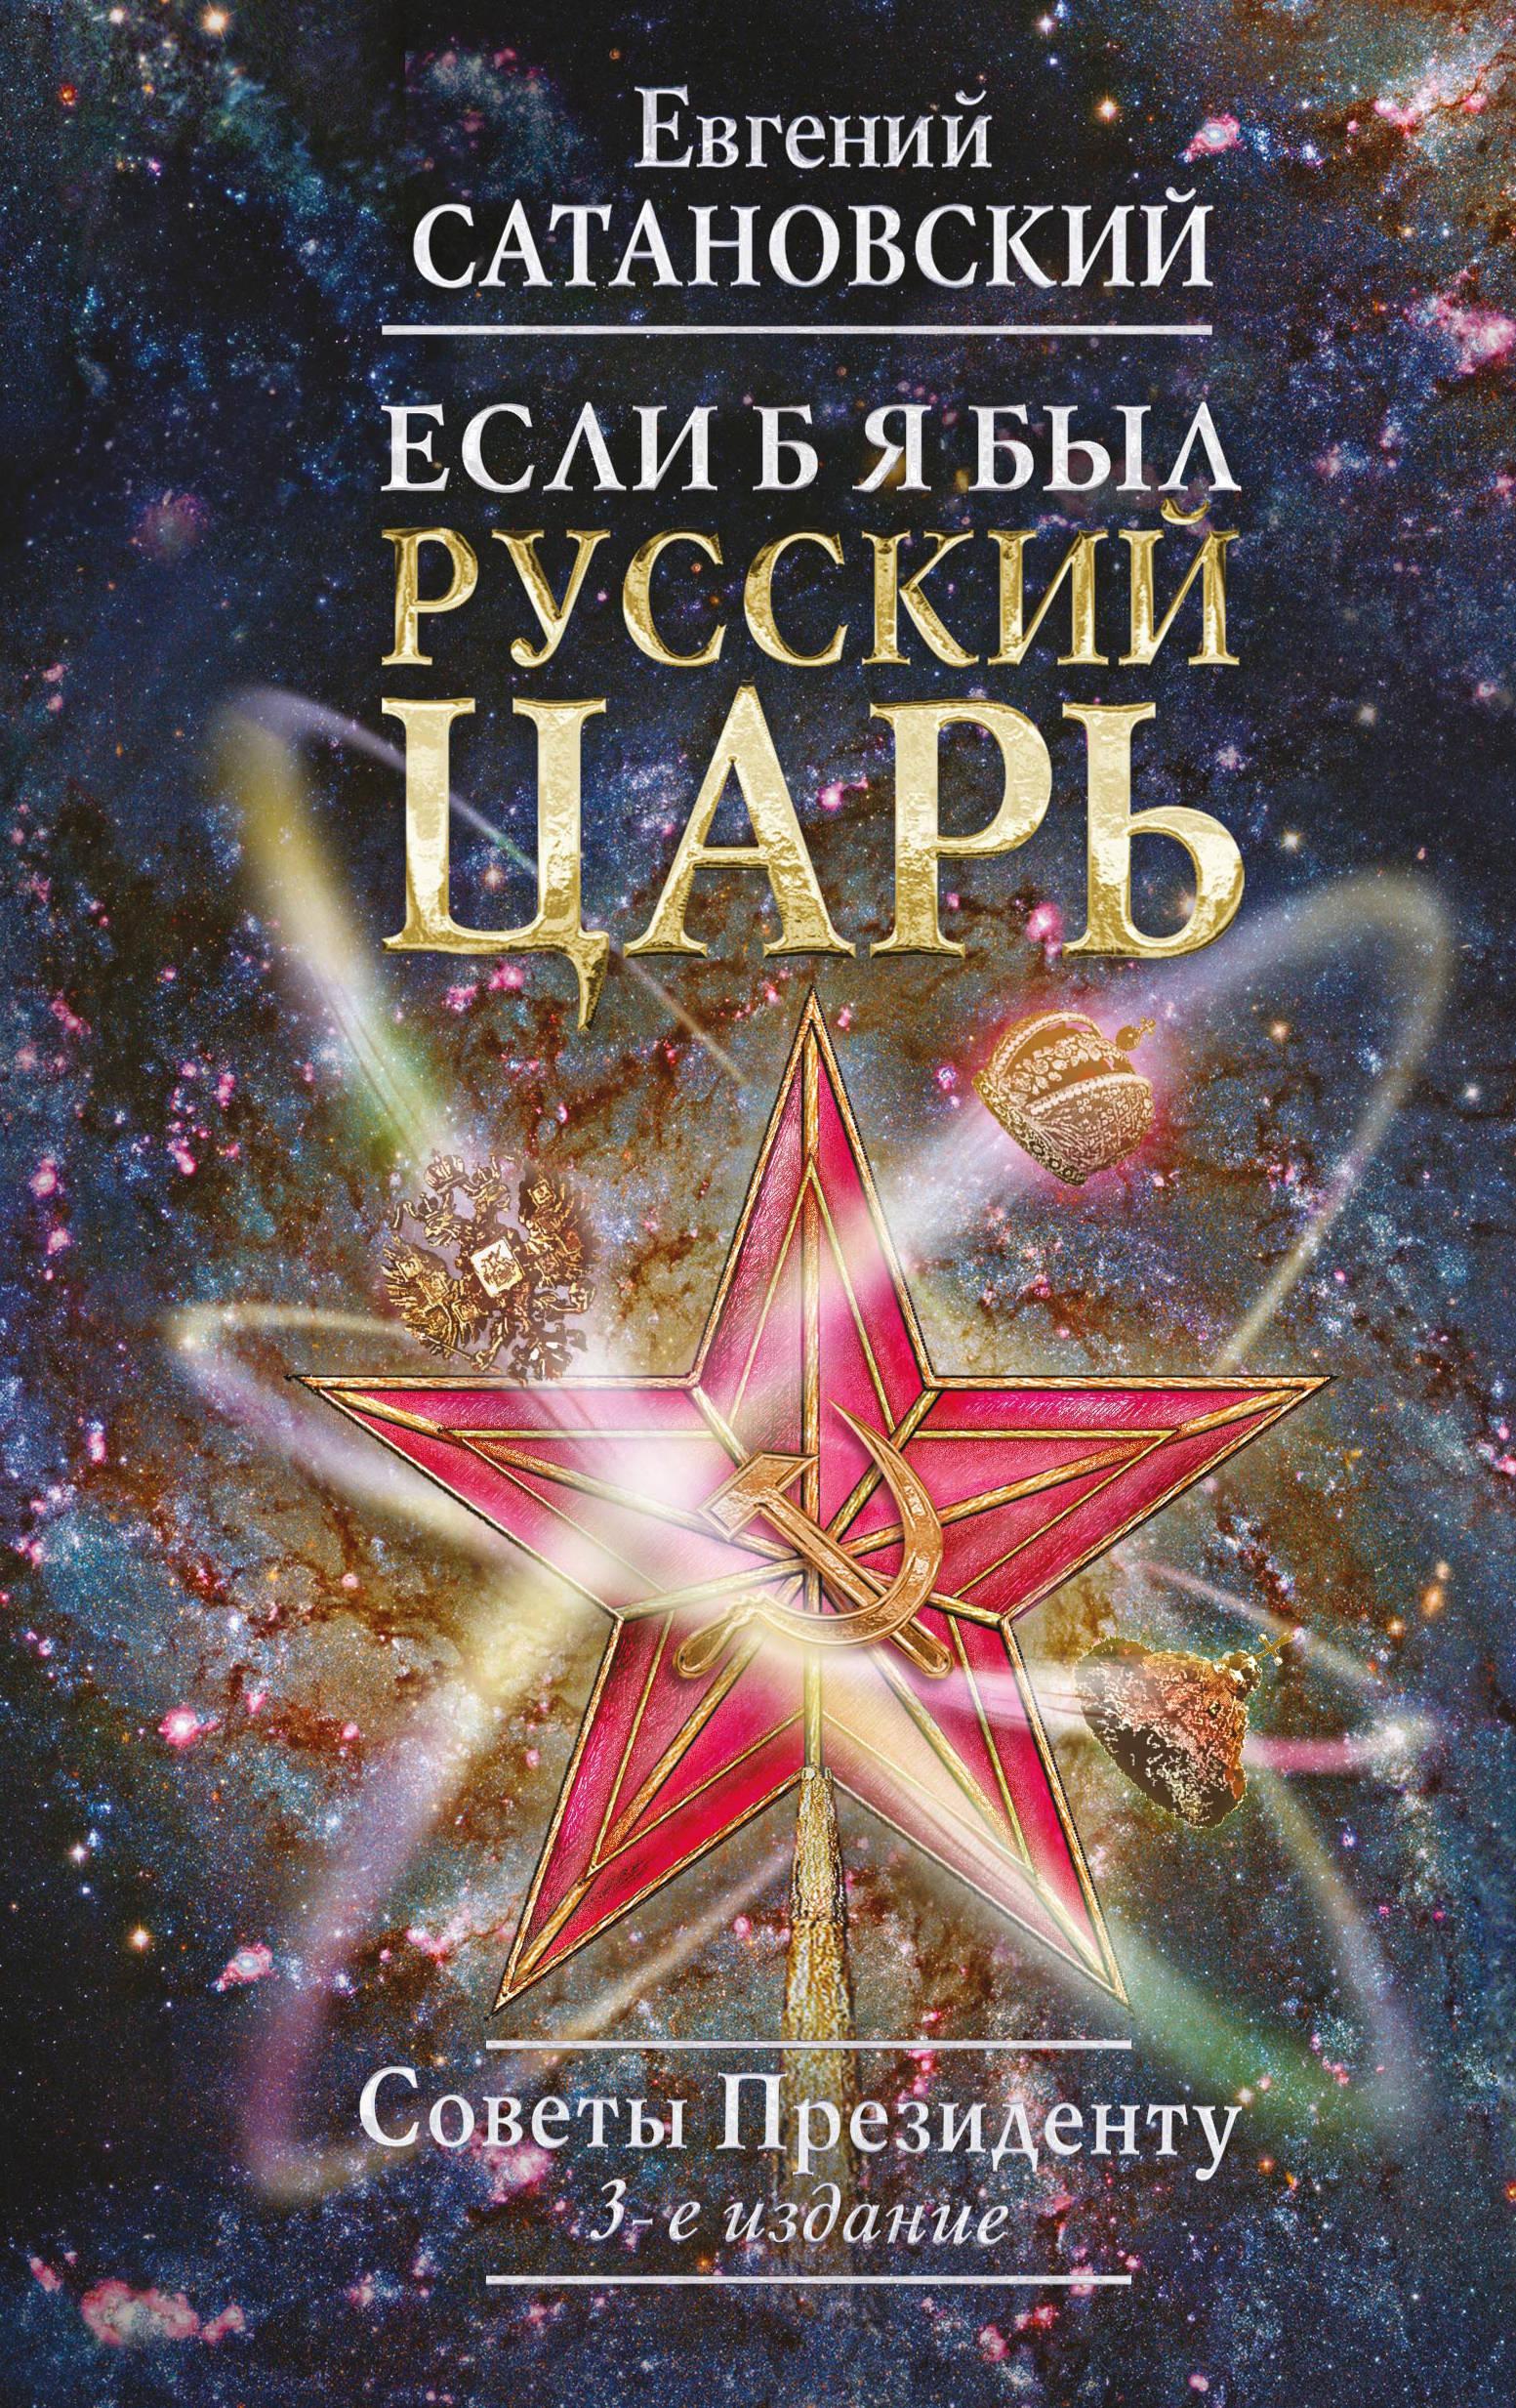 цены на Евгений Сатановский Если б я был русский царь. Советы Президенту  в интернет-магазинах